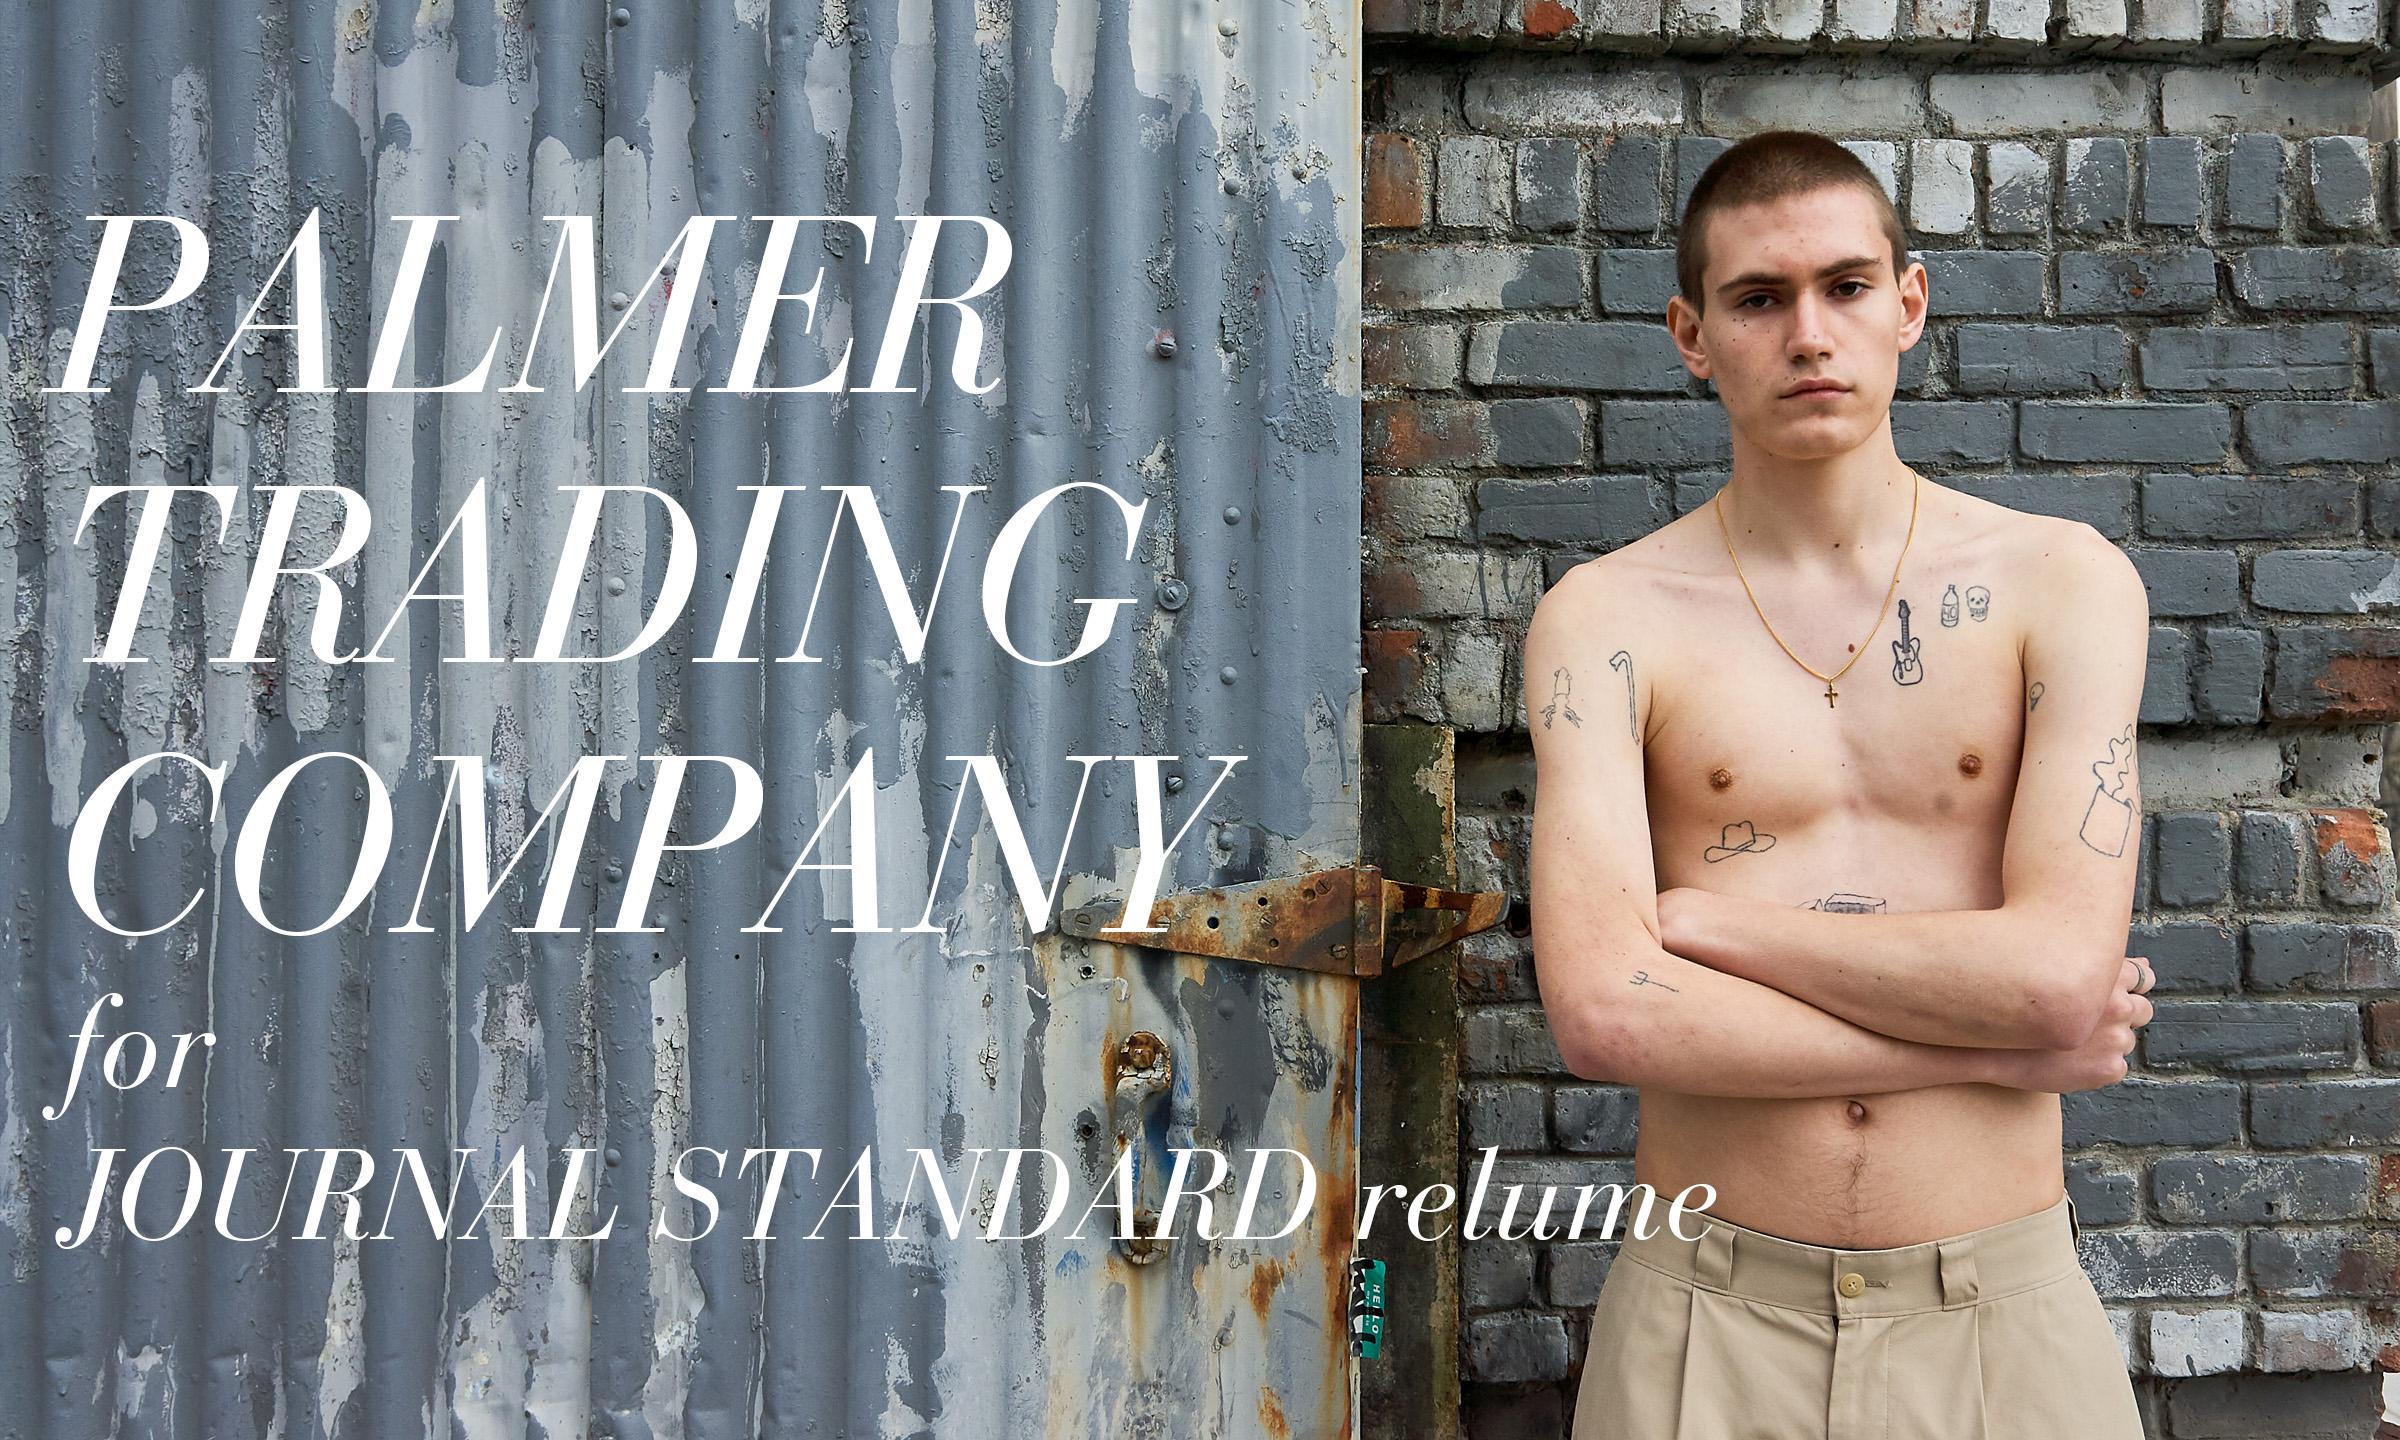 """""""少年院""""がテーマのRUDO注目ウェアが誕生 -PALMER TRADING COMPANY for JOURNAL STANDARD relume-"""